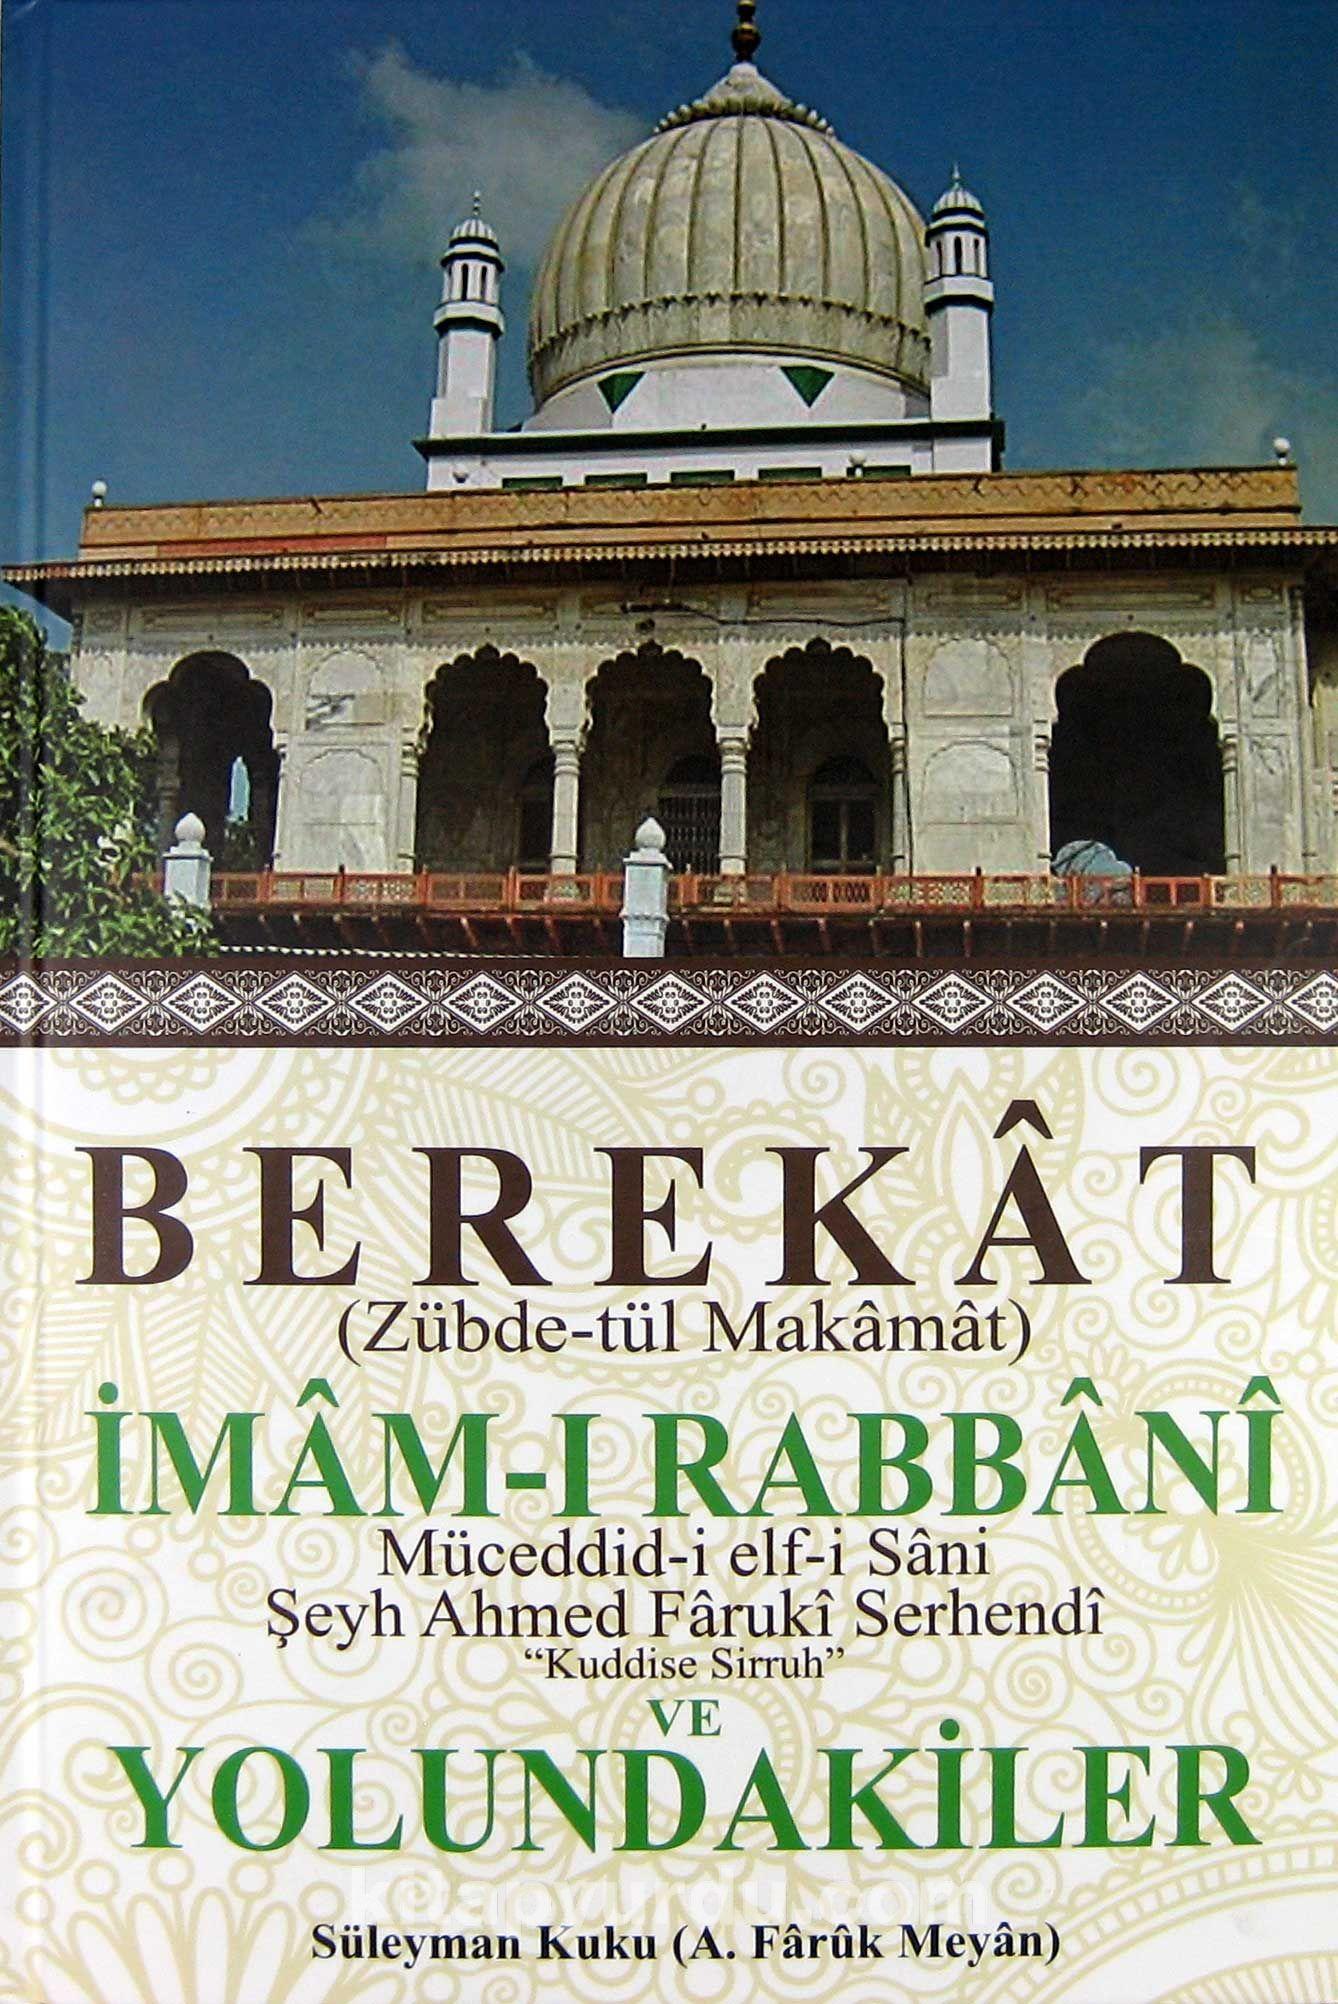 Berekat (Zübde-tül Makamat) İmam-ı Rabbani ve Yolundakiler - Süleyman Kuku pdf epub